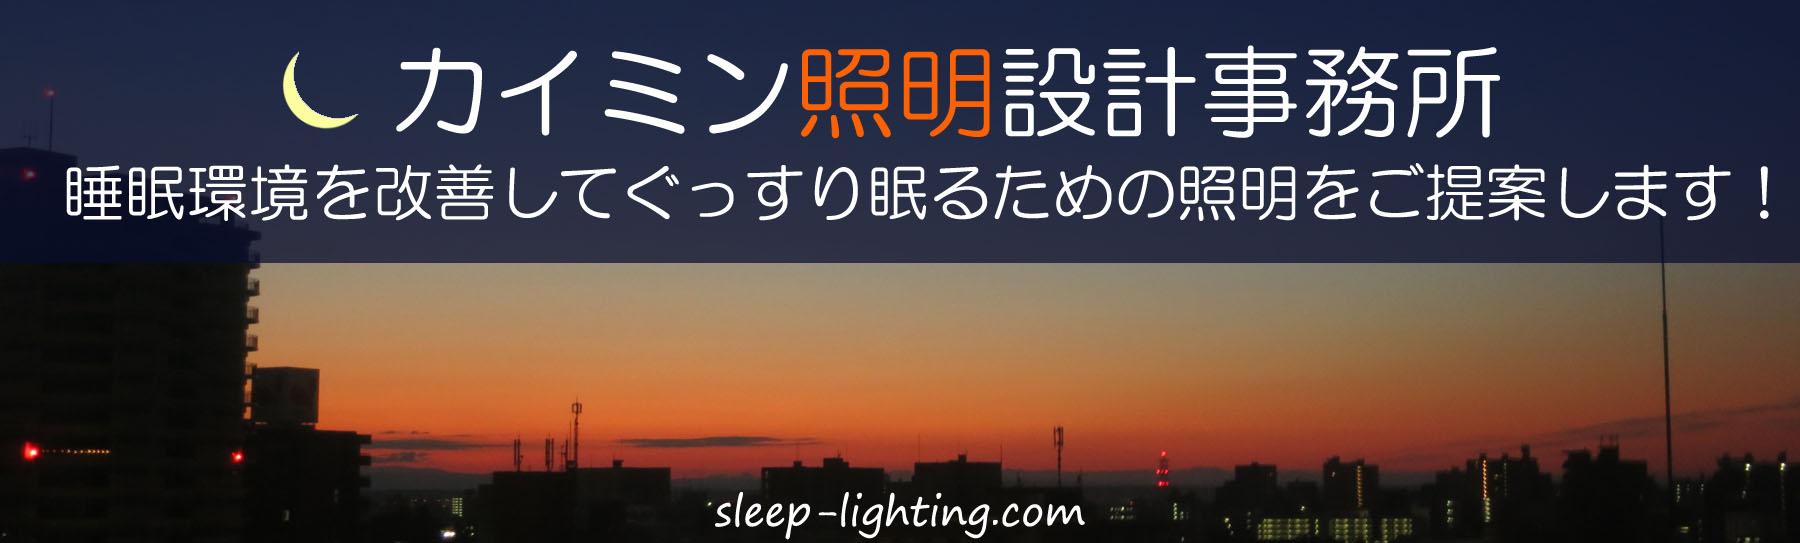 快眠照明設計事務所|家がキマる照明は睡眠も変える!